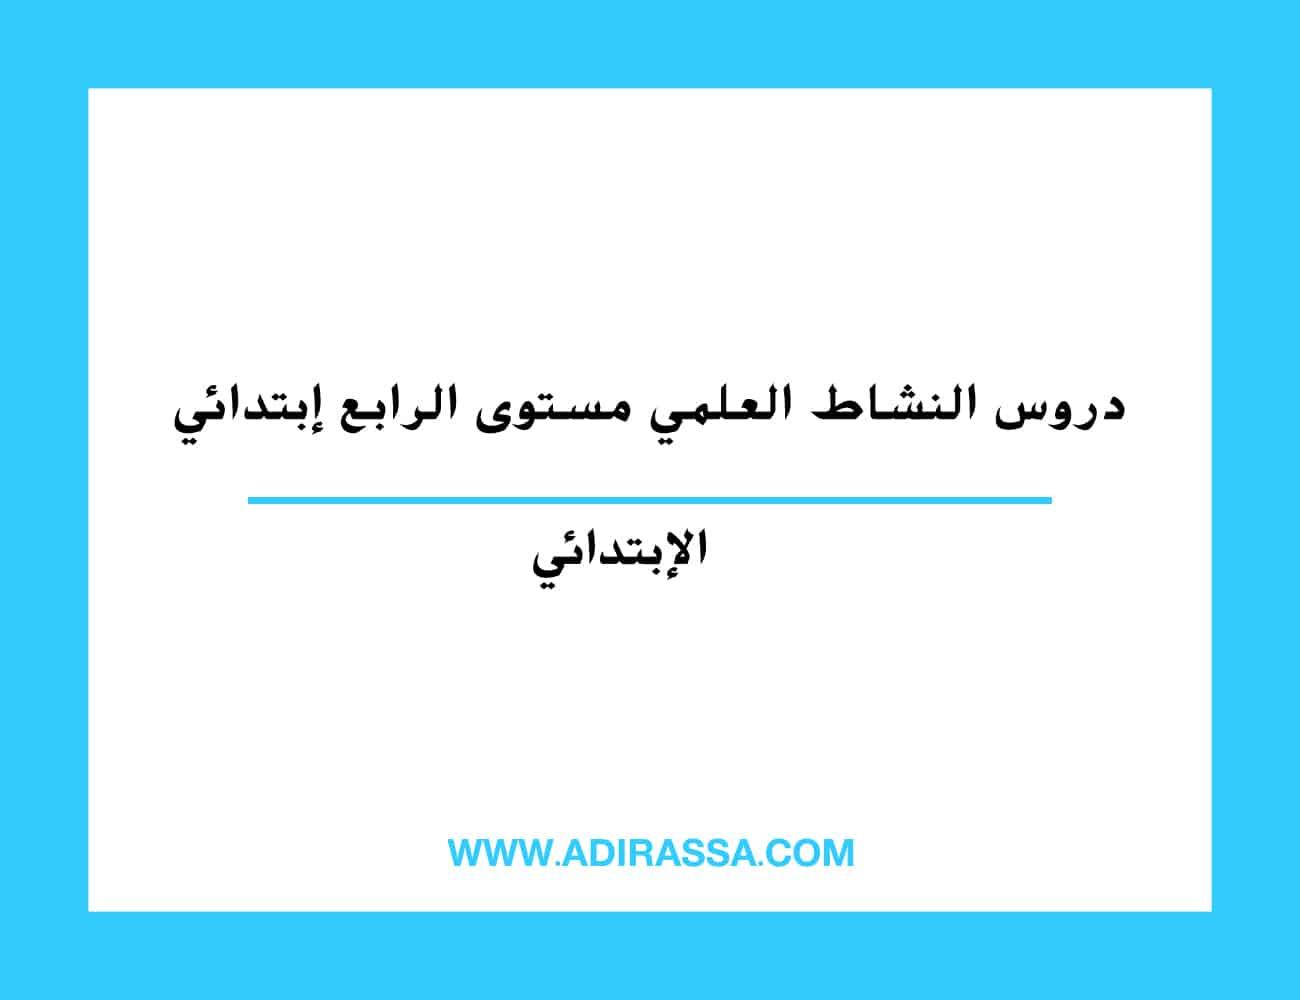 دروس النشاط العلمي الرابع ابتدائي المقررة بالمدرسة المغربية